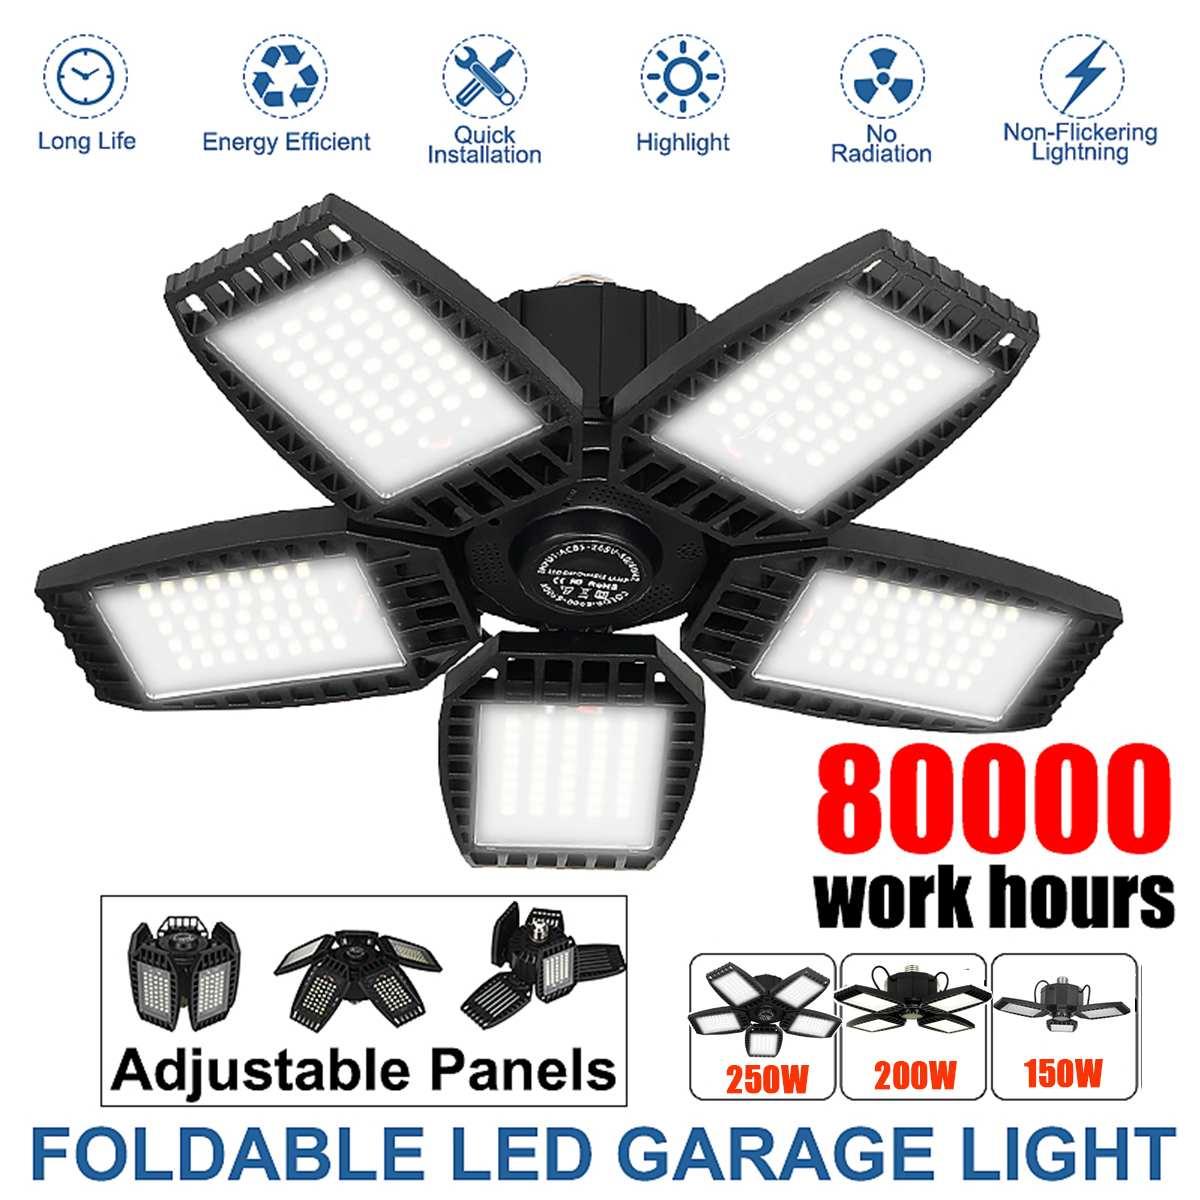 Новый Яркий промышленный светильник 40 Вт 60 Вт 80 Вт E27, светодиодный светильник для гаража 110 В 220 В, светодиодная промышленная лампа для высоких промышленных помещений для мастерской, склада